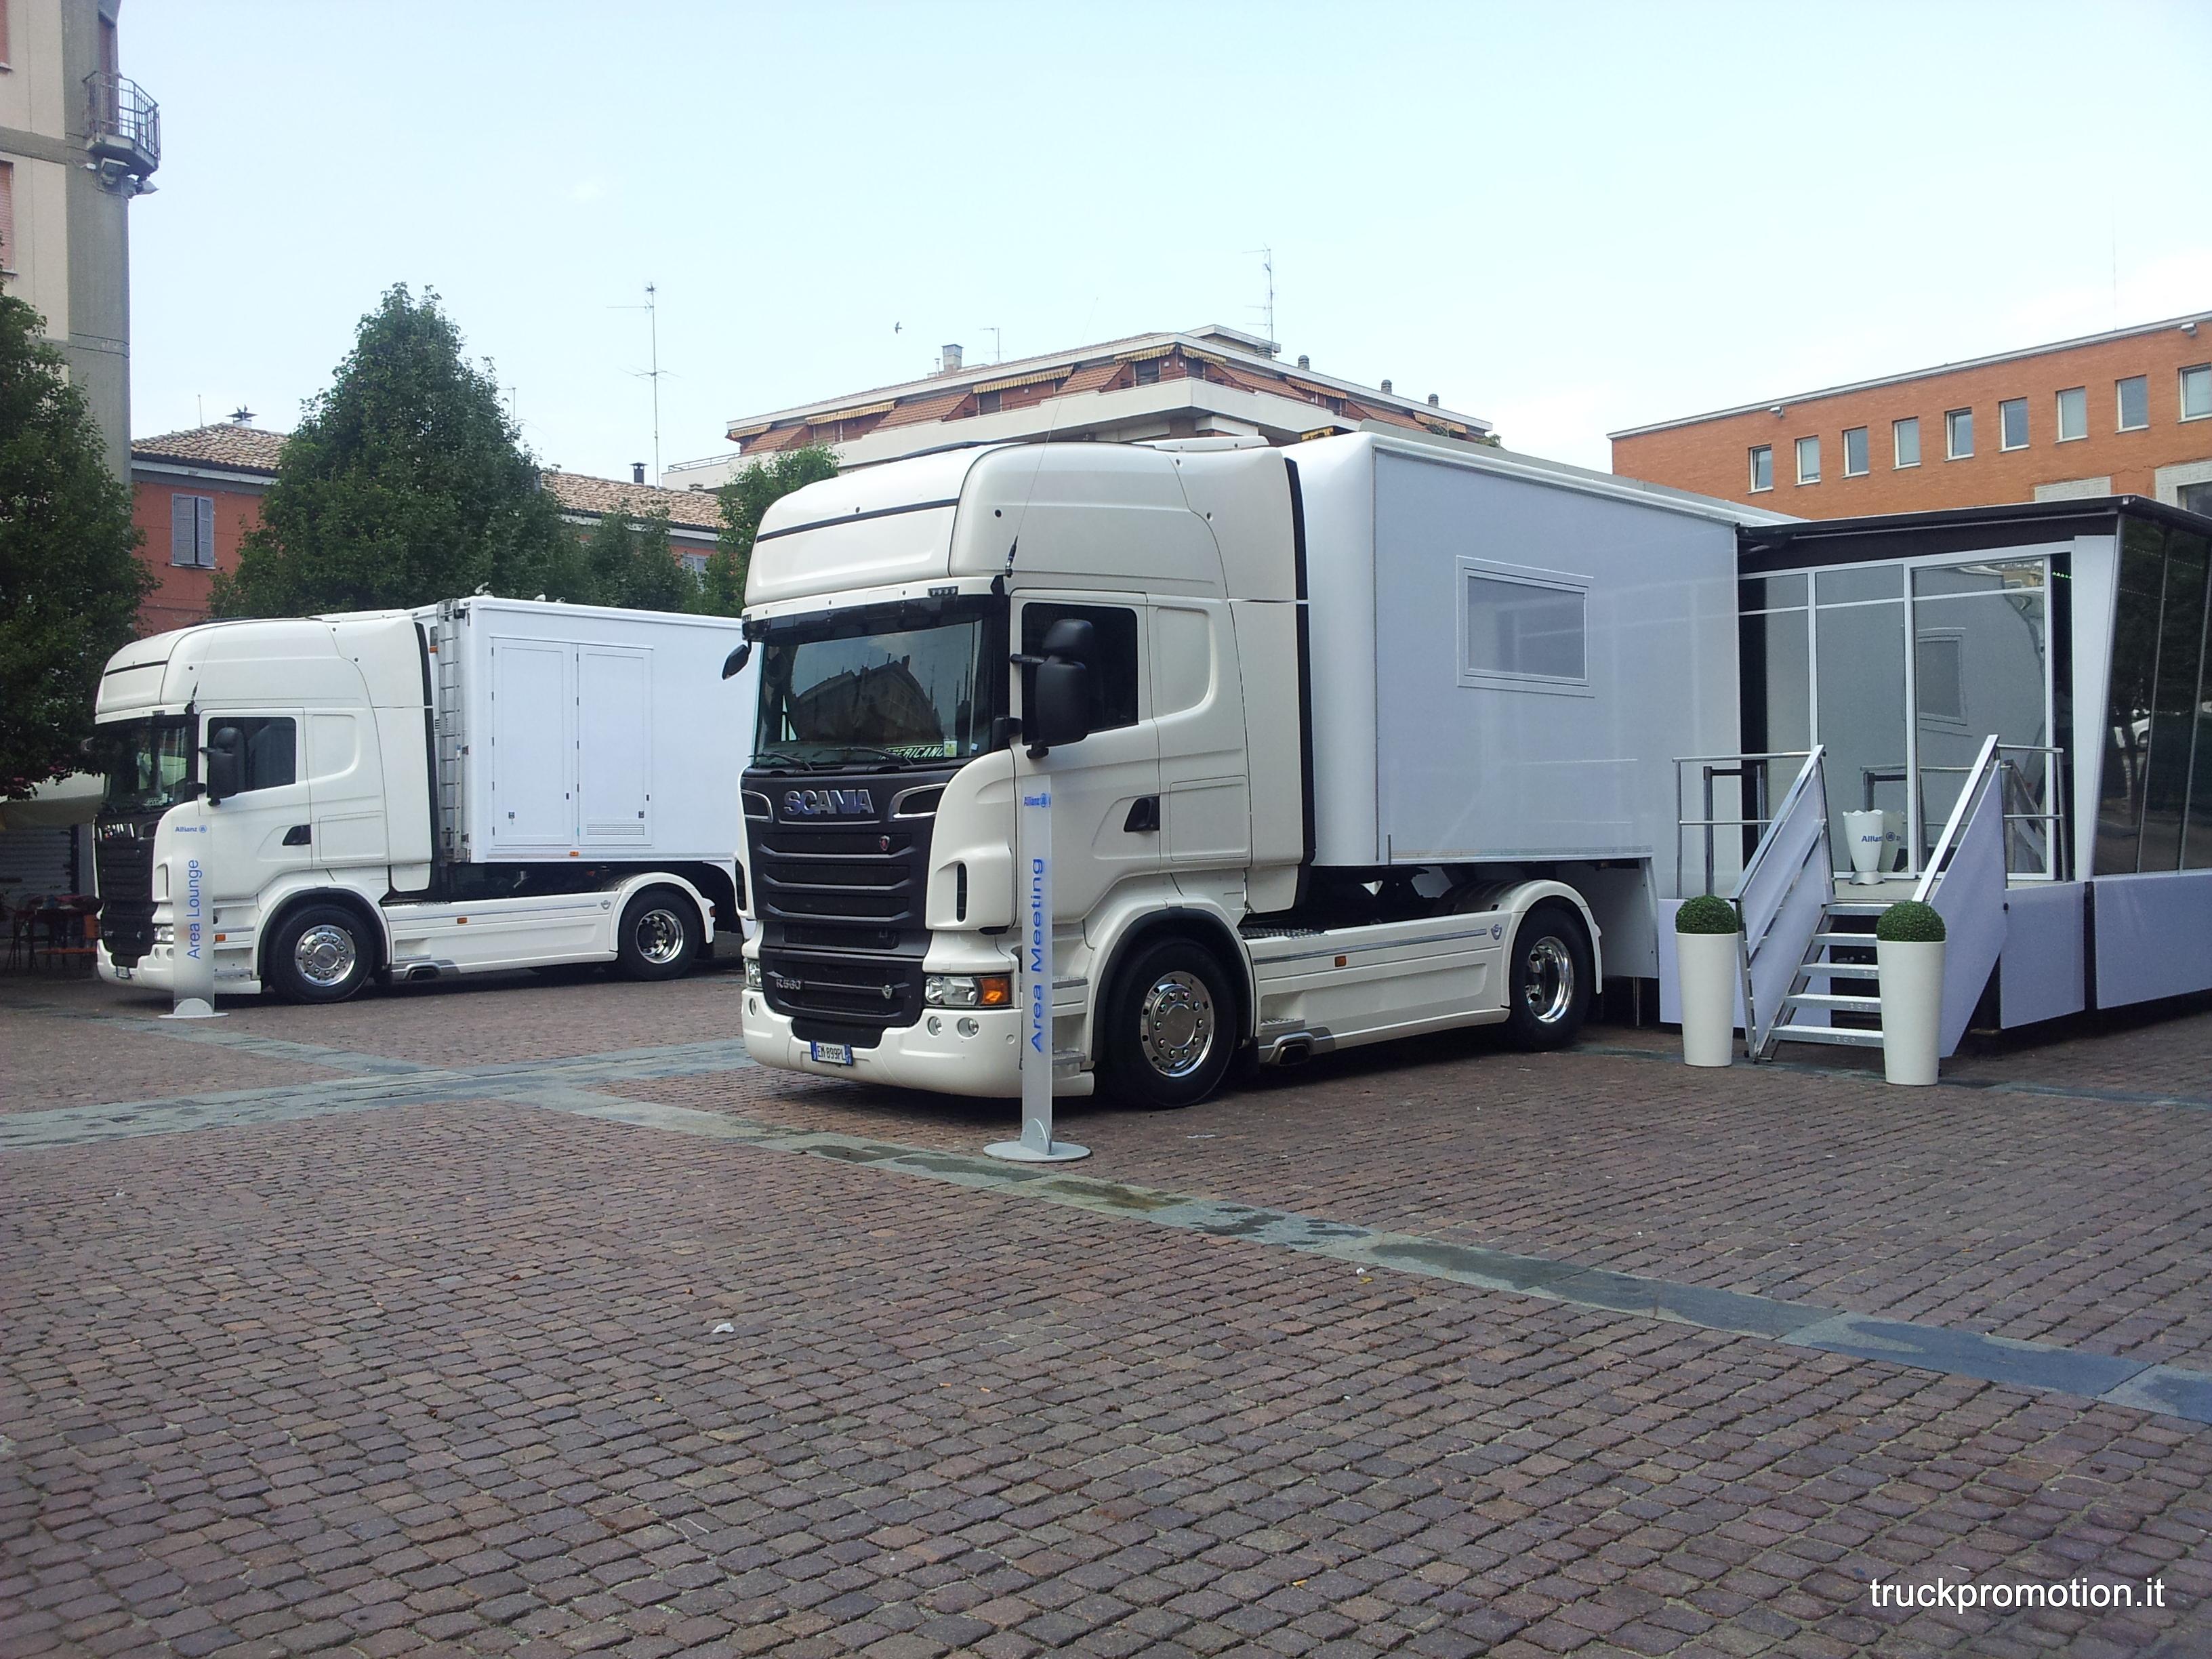 Tour Allianz Assicrazioni